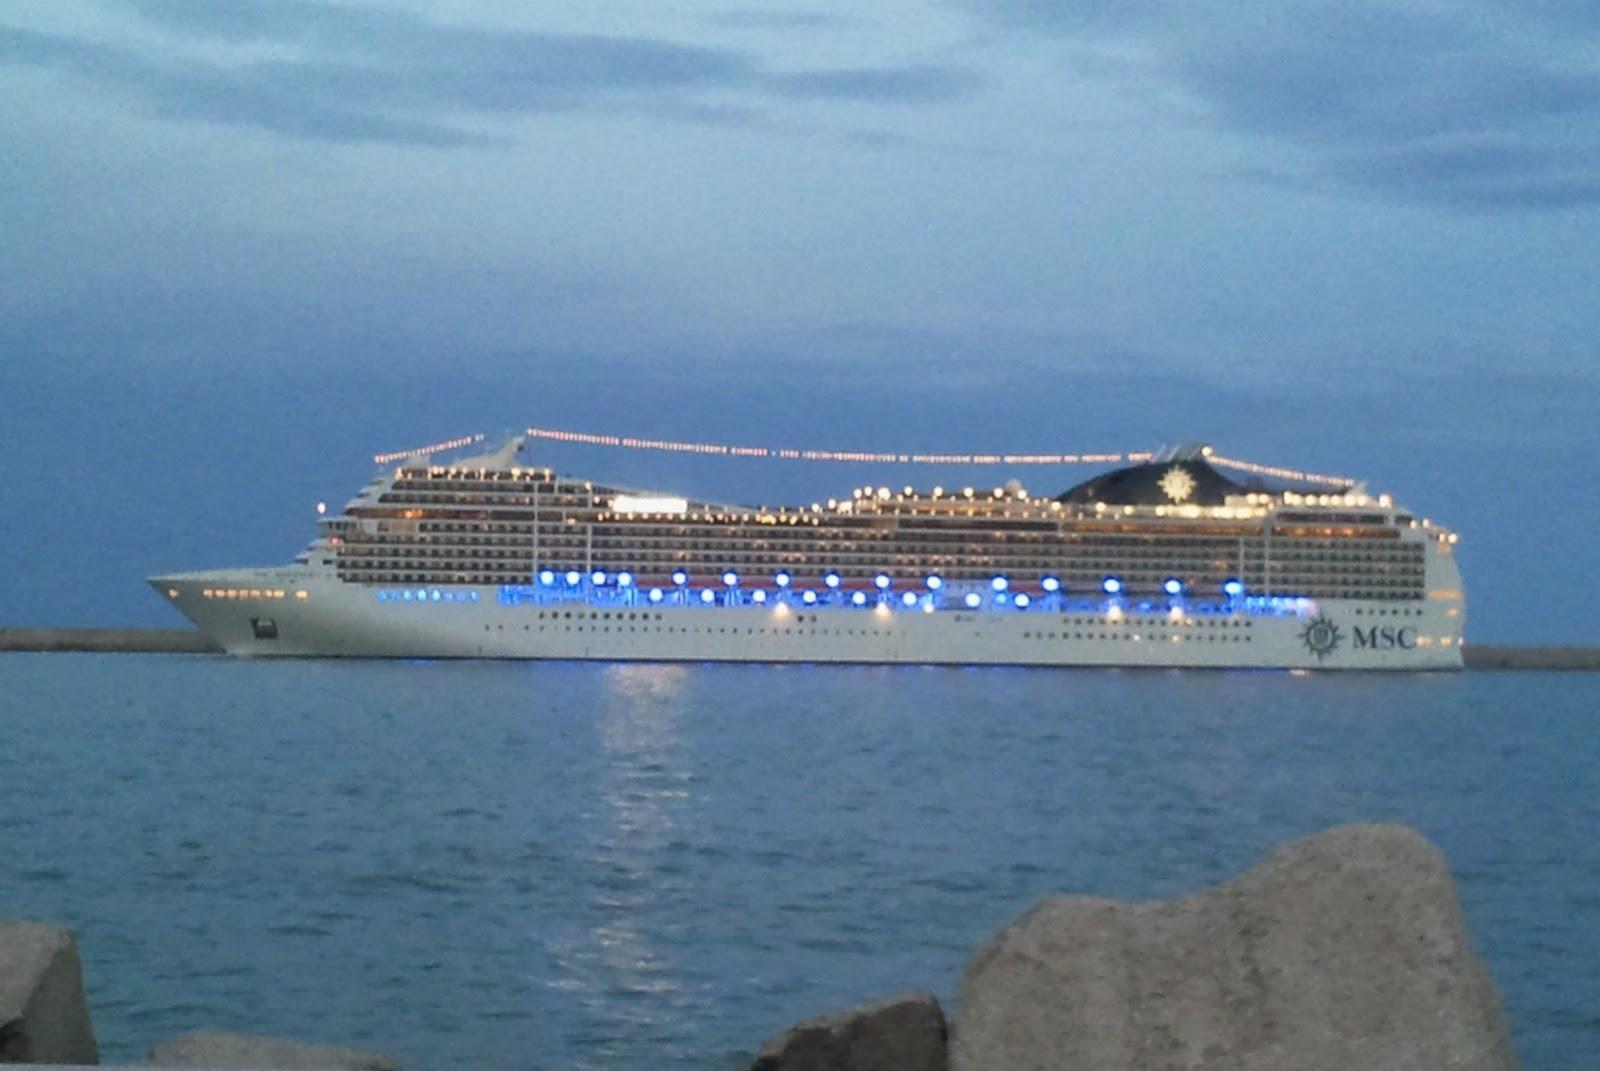 Economia del mare la msc magnifica lascia il porto di bari for Msc magnifica foto